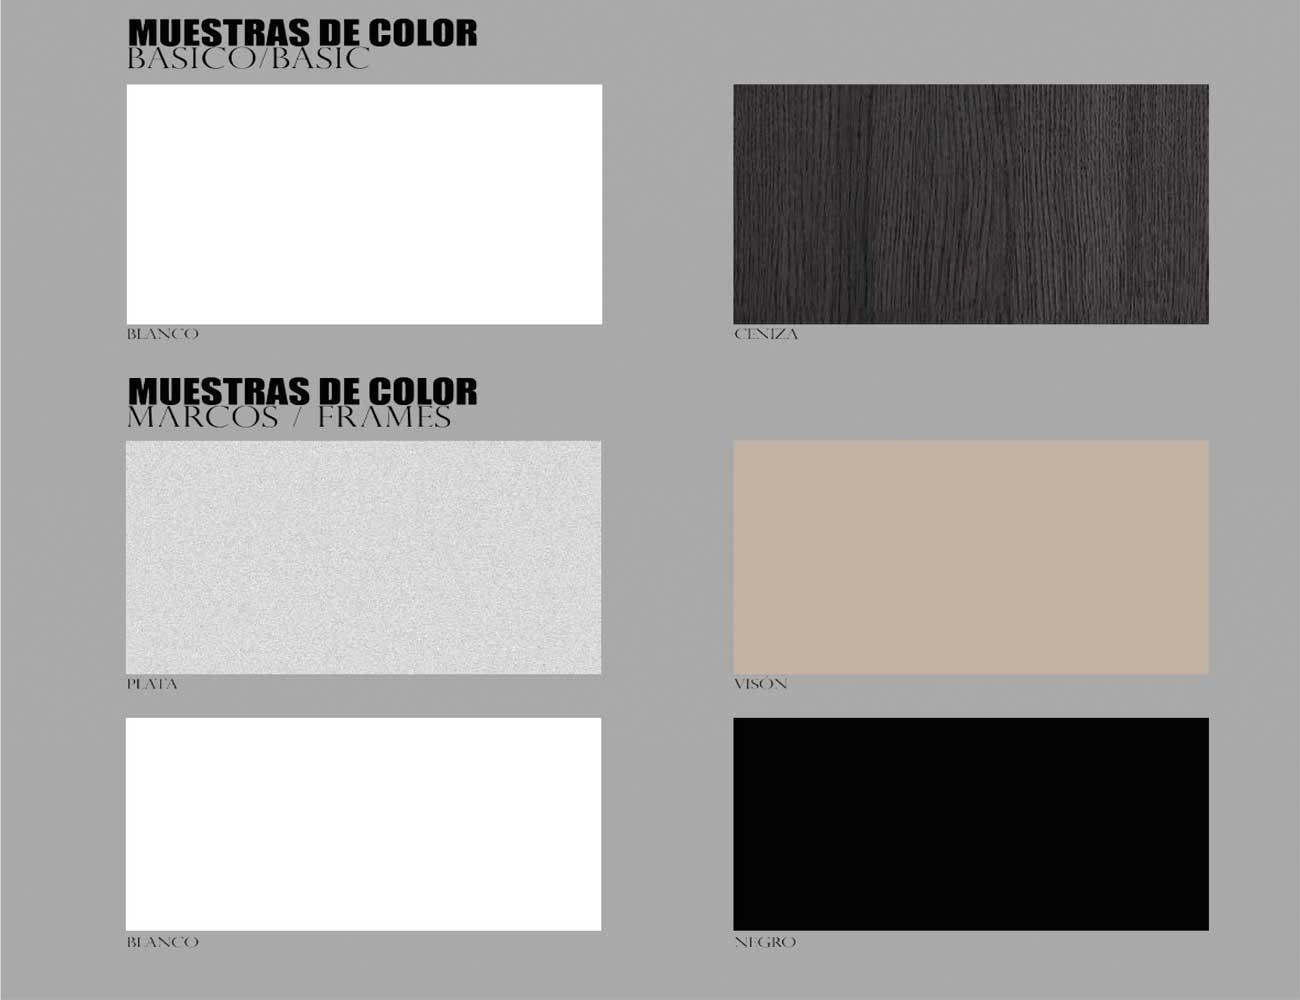 Colores tecnico17